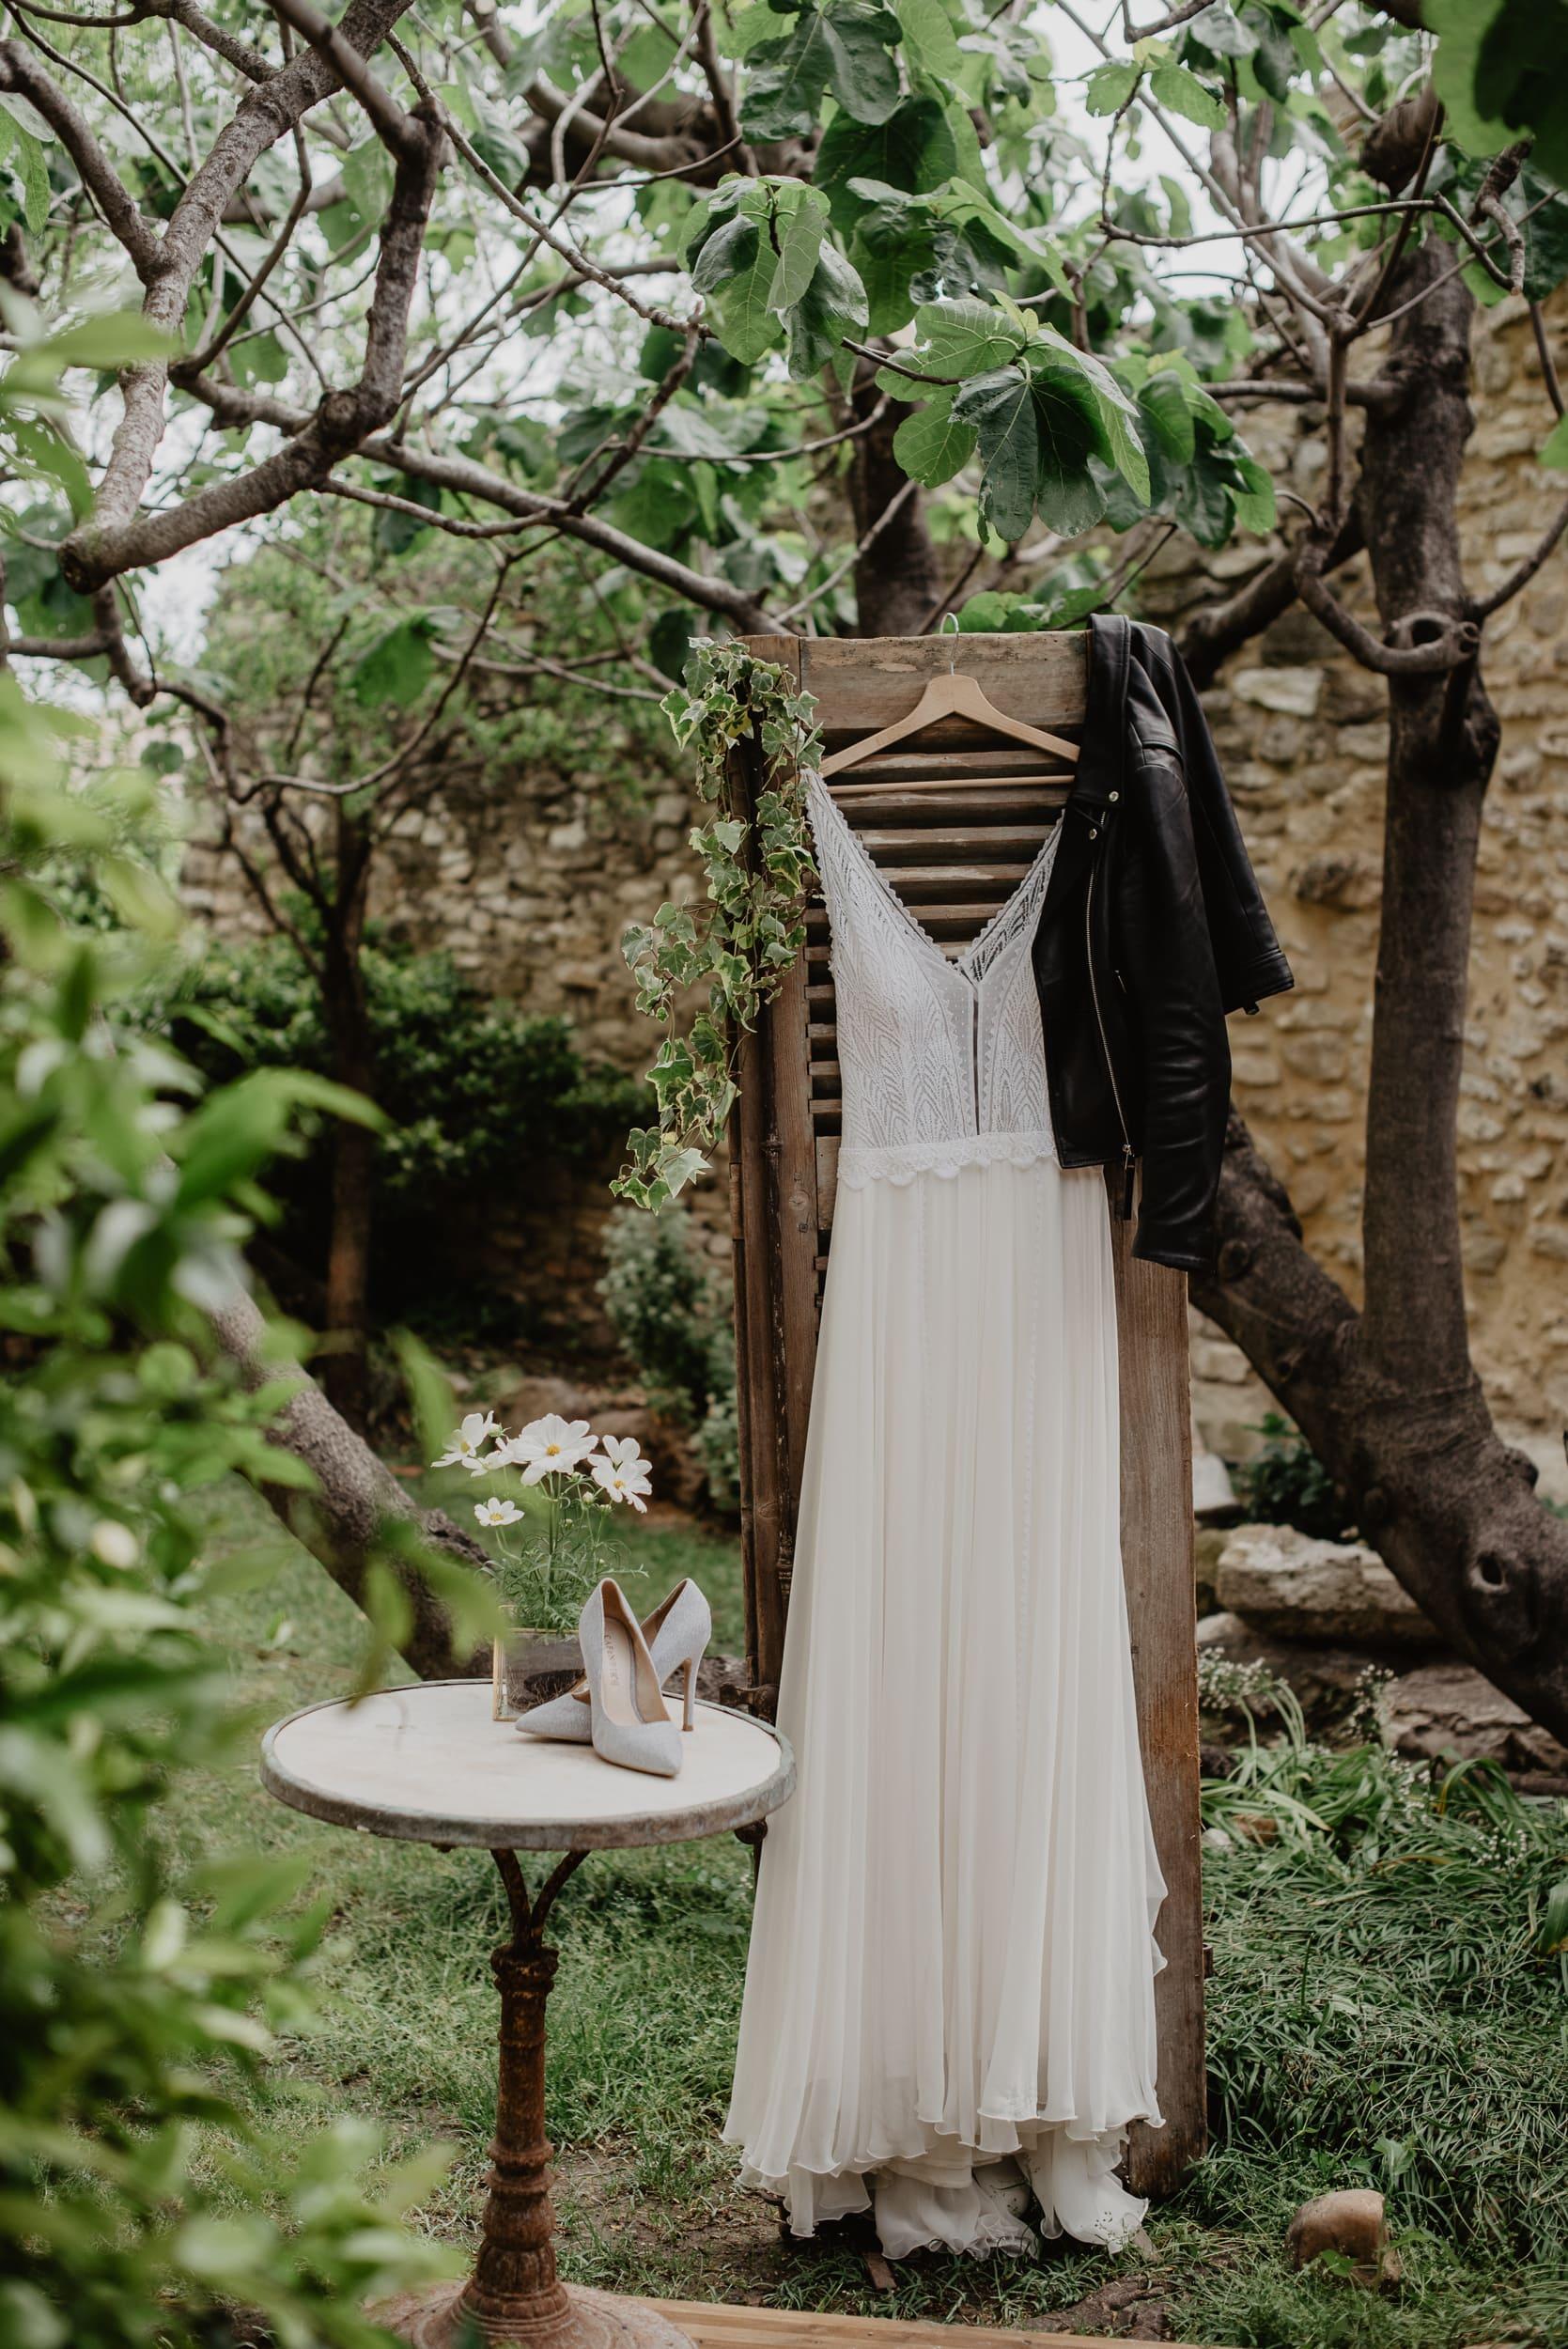 bruidsjurk tijdens eens fotoshoot in parijs voor een bruiloft en huwelijk